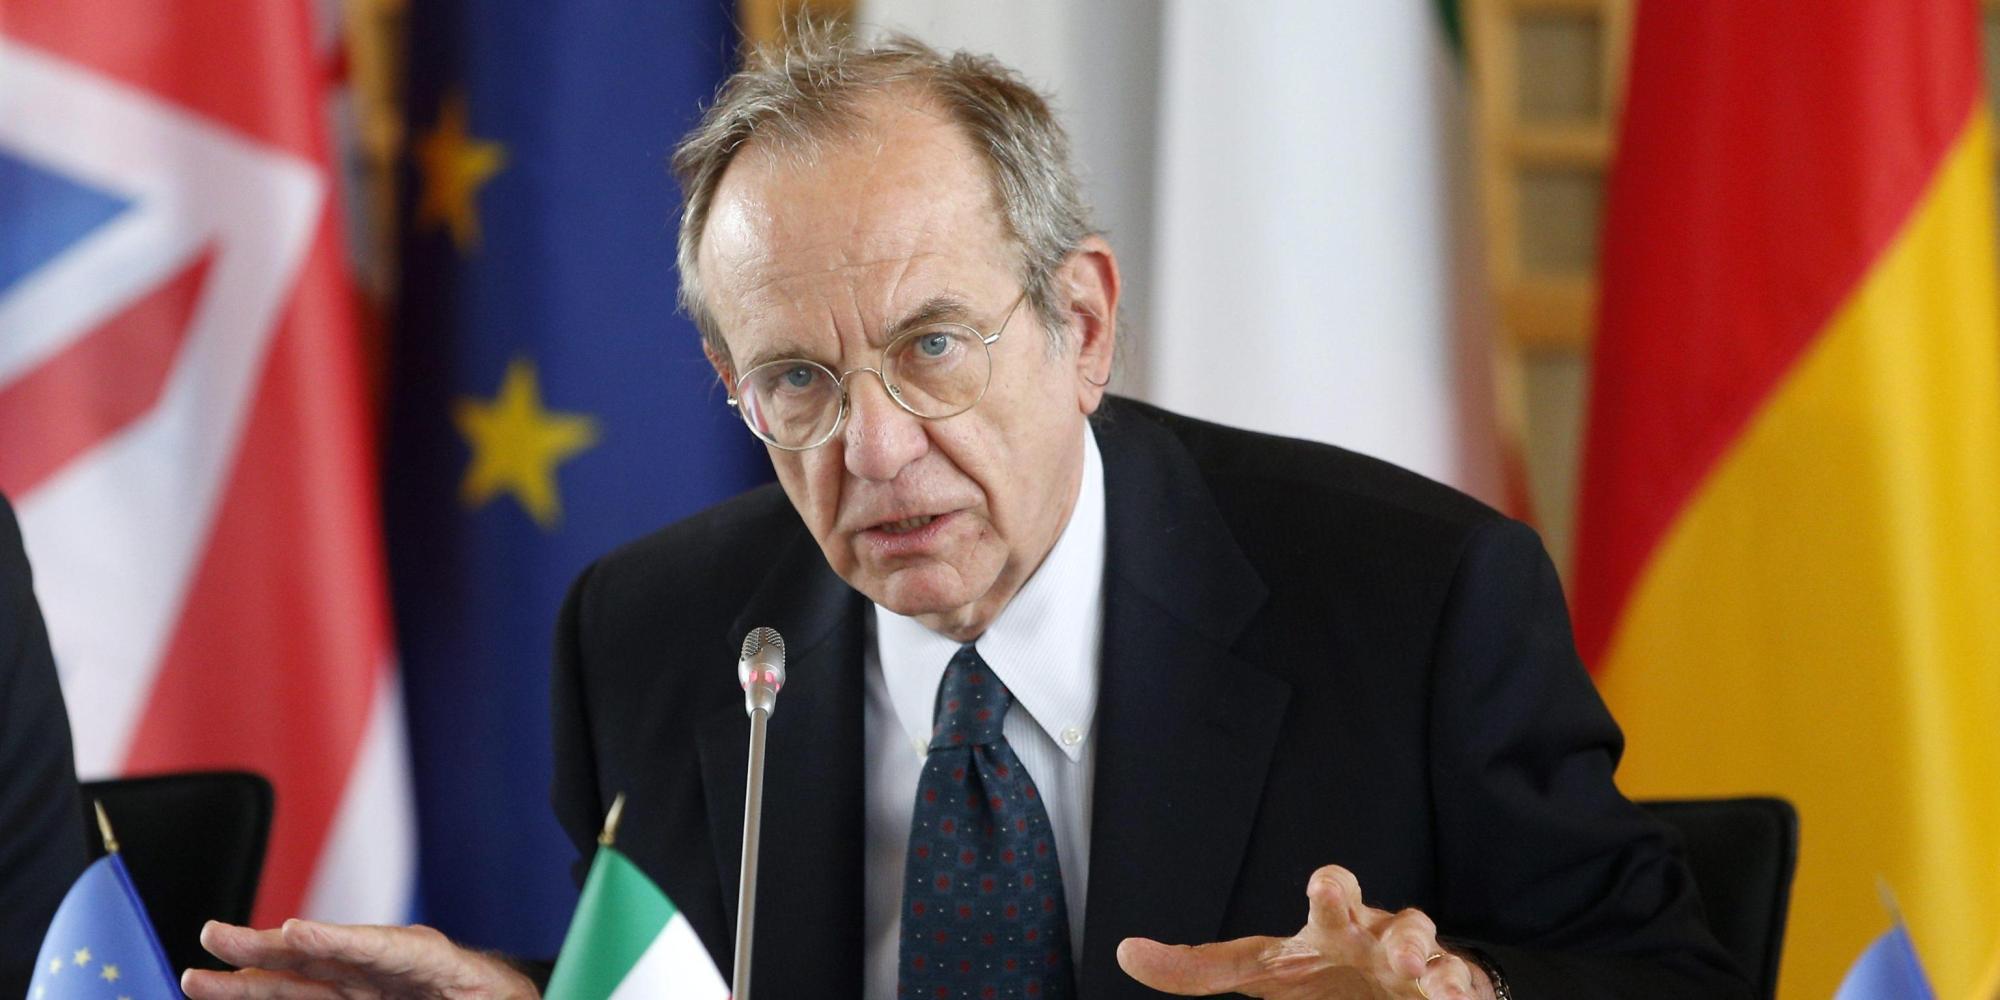 Il ministro Padoan aprirà il Salone del Risparmio 2016 al MiCo di Milano